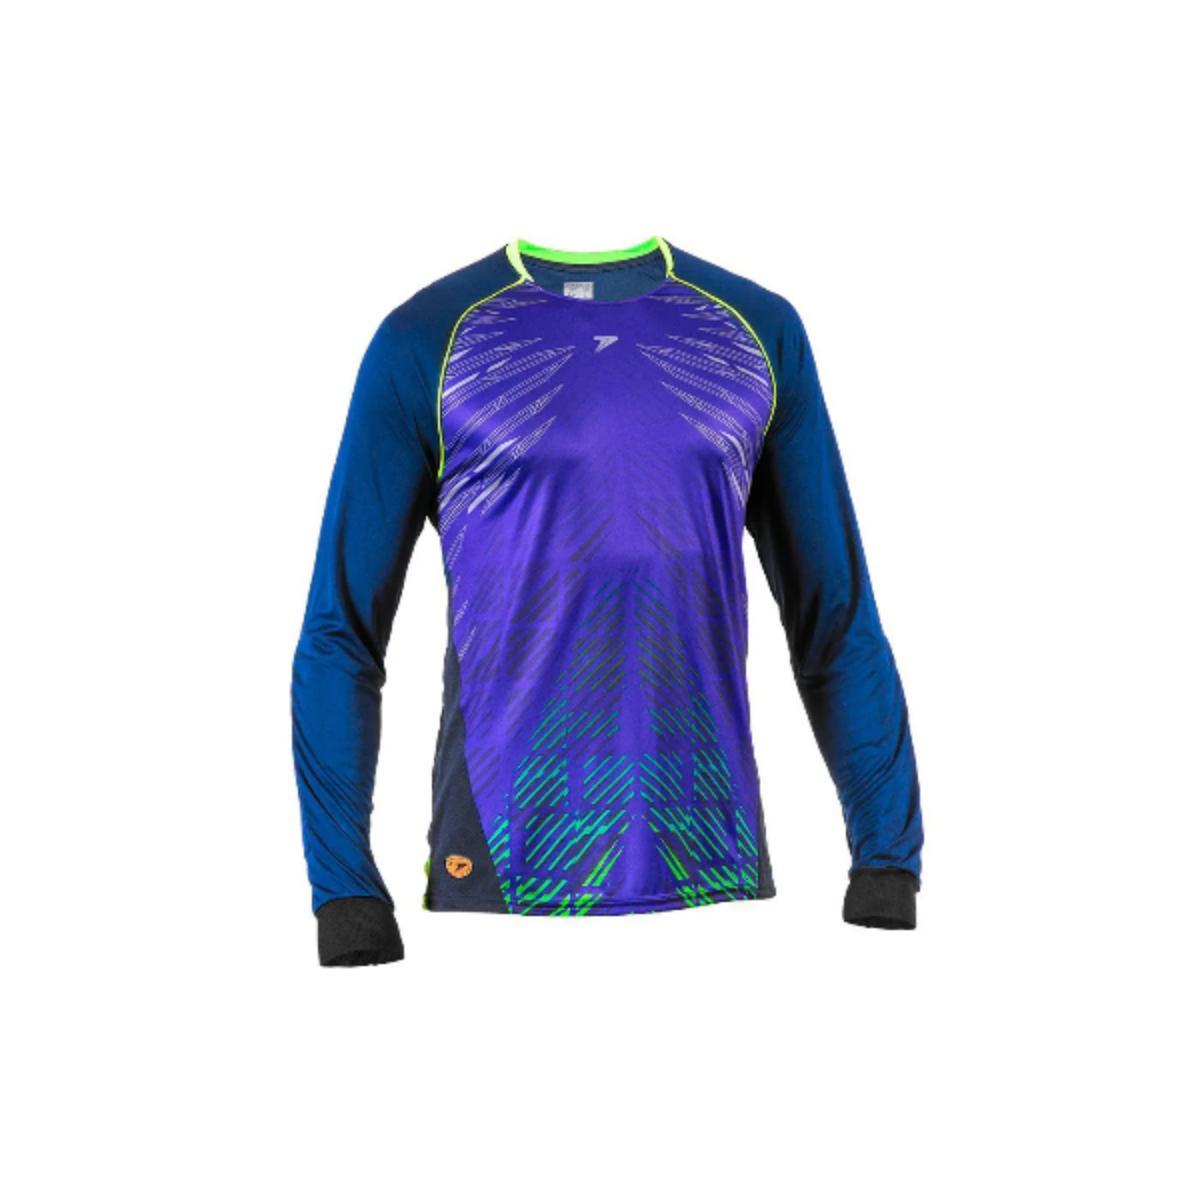 Camisa Masculina Poker 04105 Preto/marinho/limão